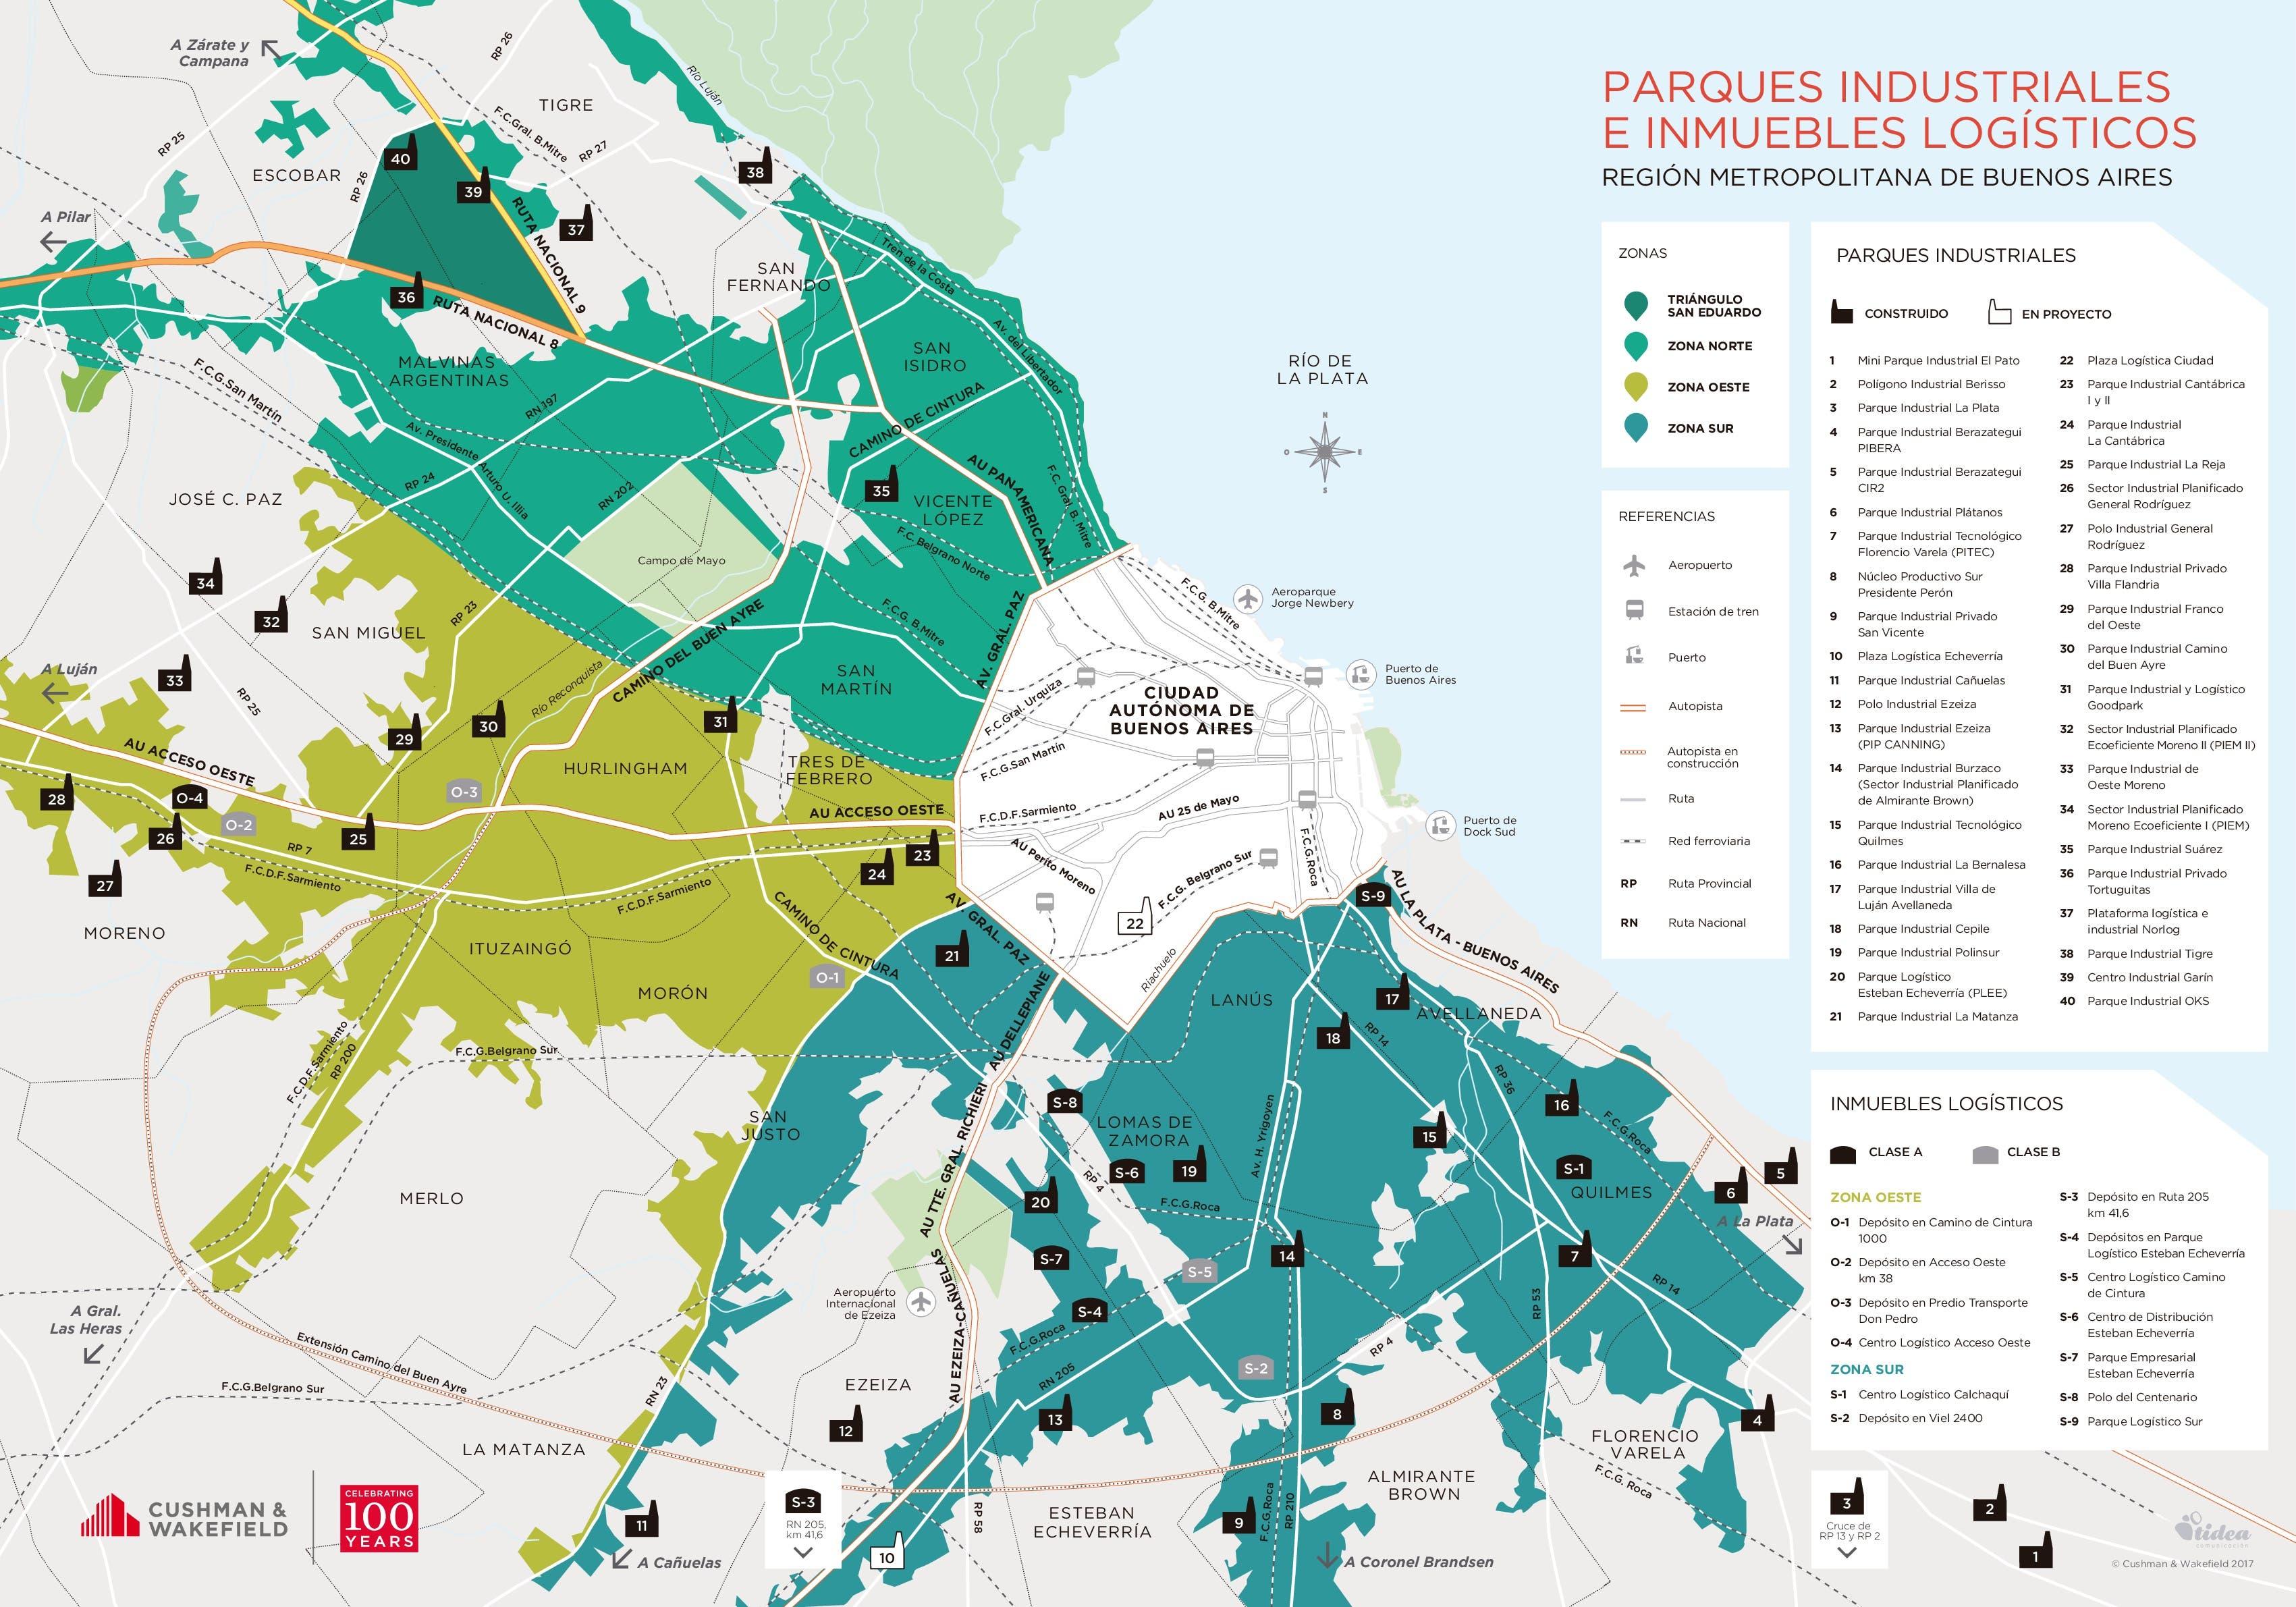 Mapa de parques industriales e inmuebles logísticos, elaborado por Cushman & Wakefield.